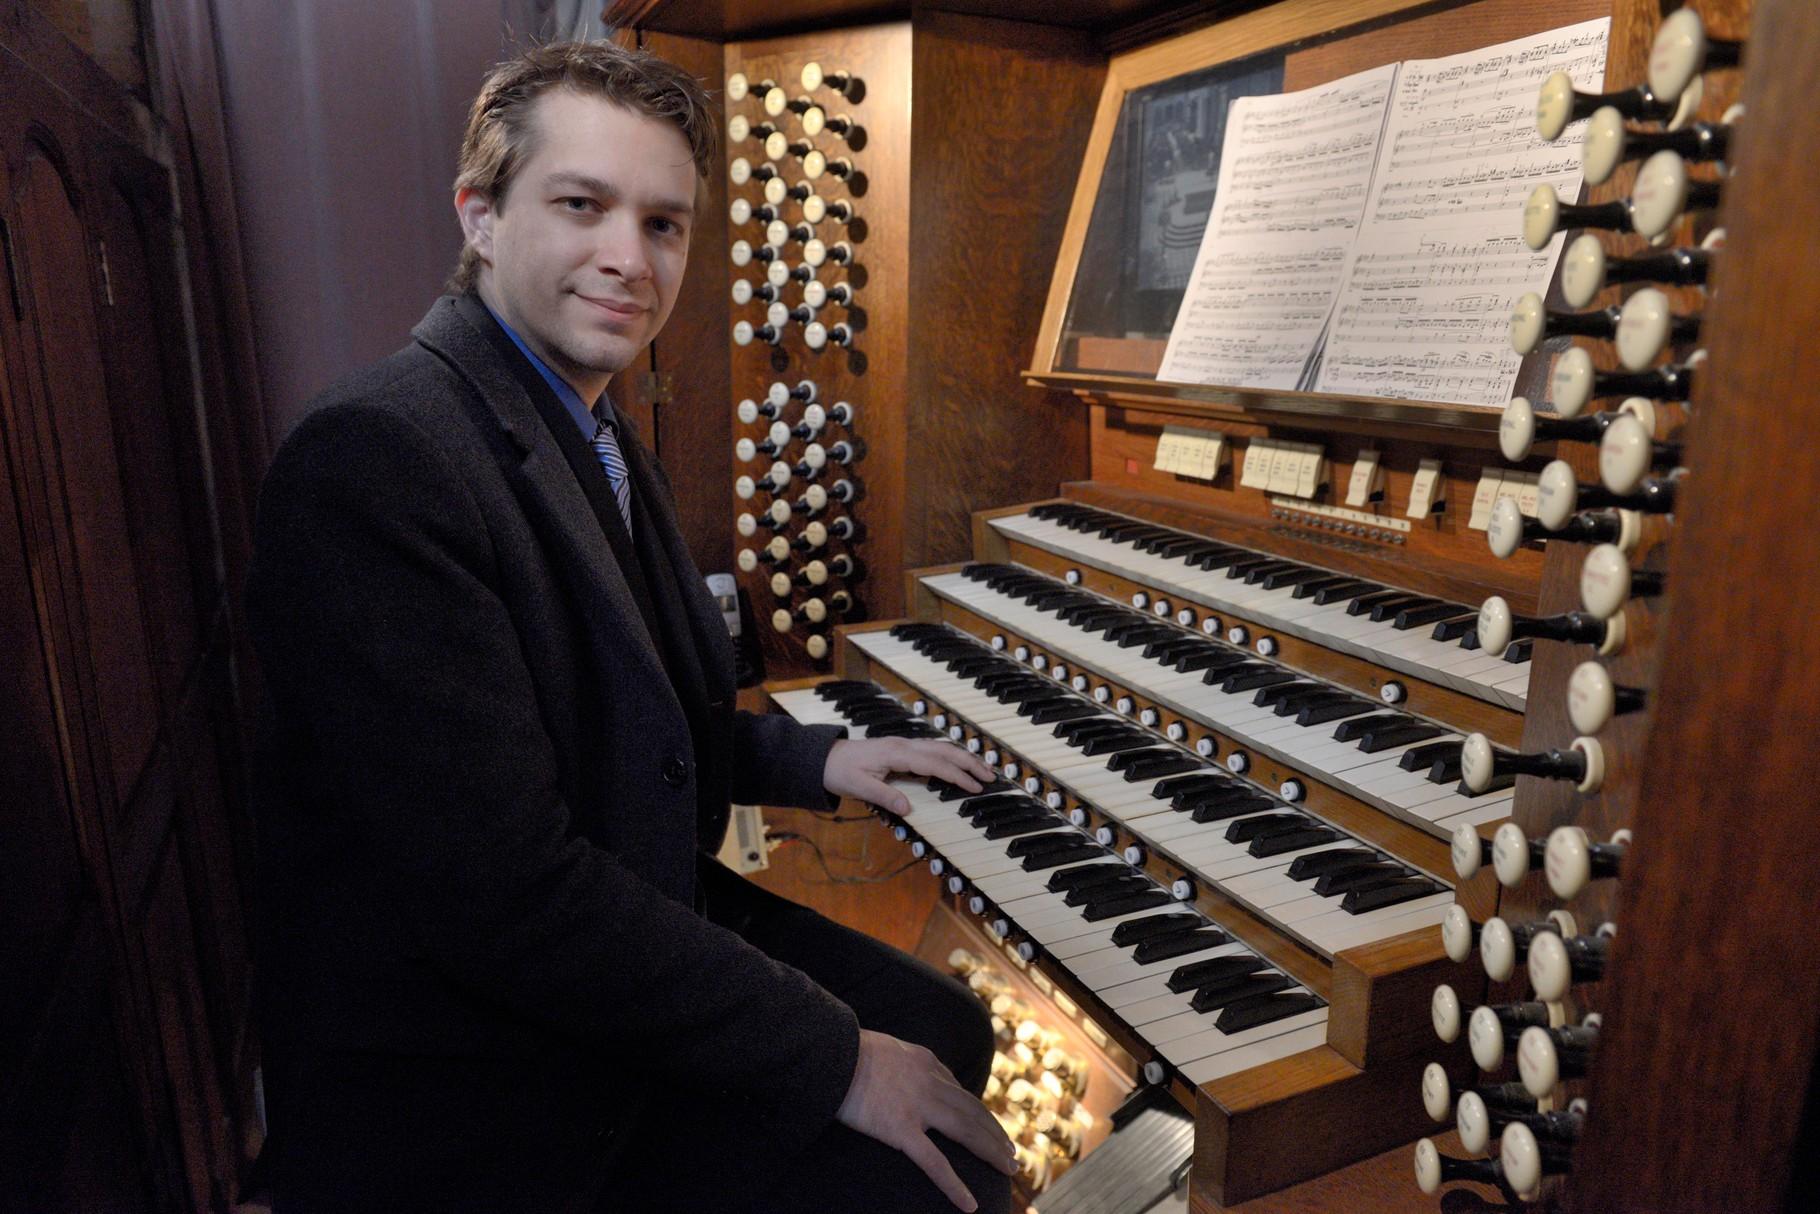 Jean Baptiste Dupont, titulaire des grandes orgues de la primatiale de Saint-André